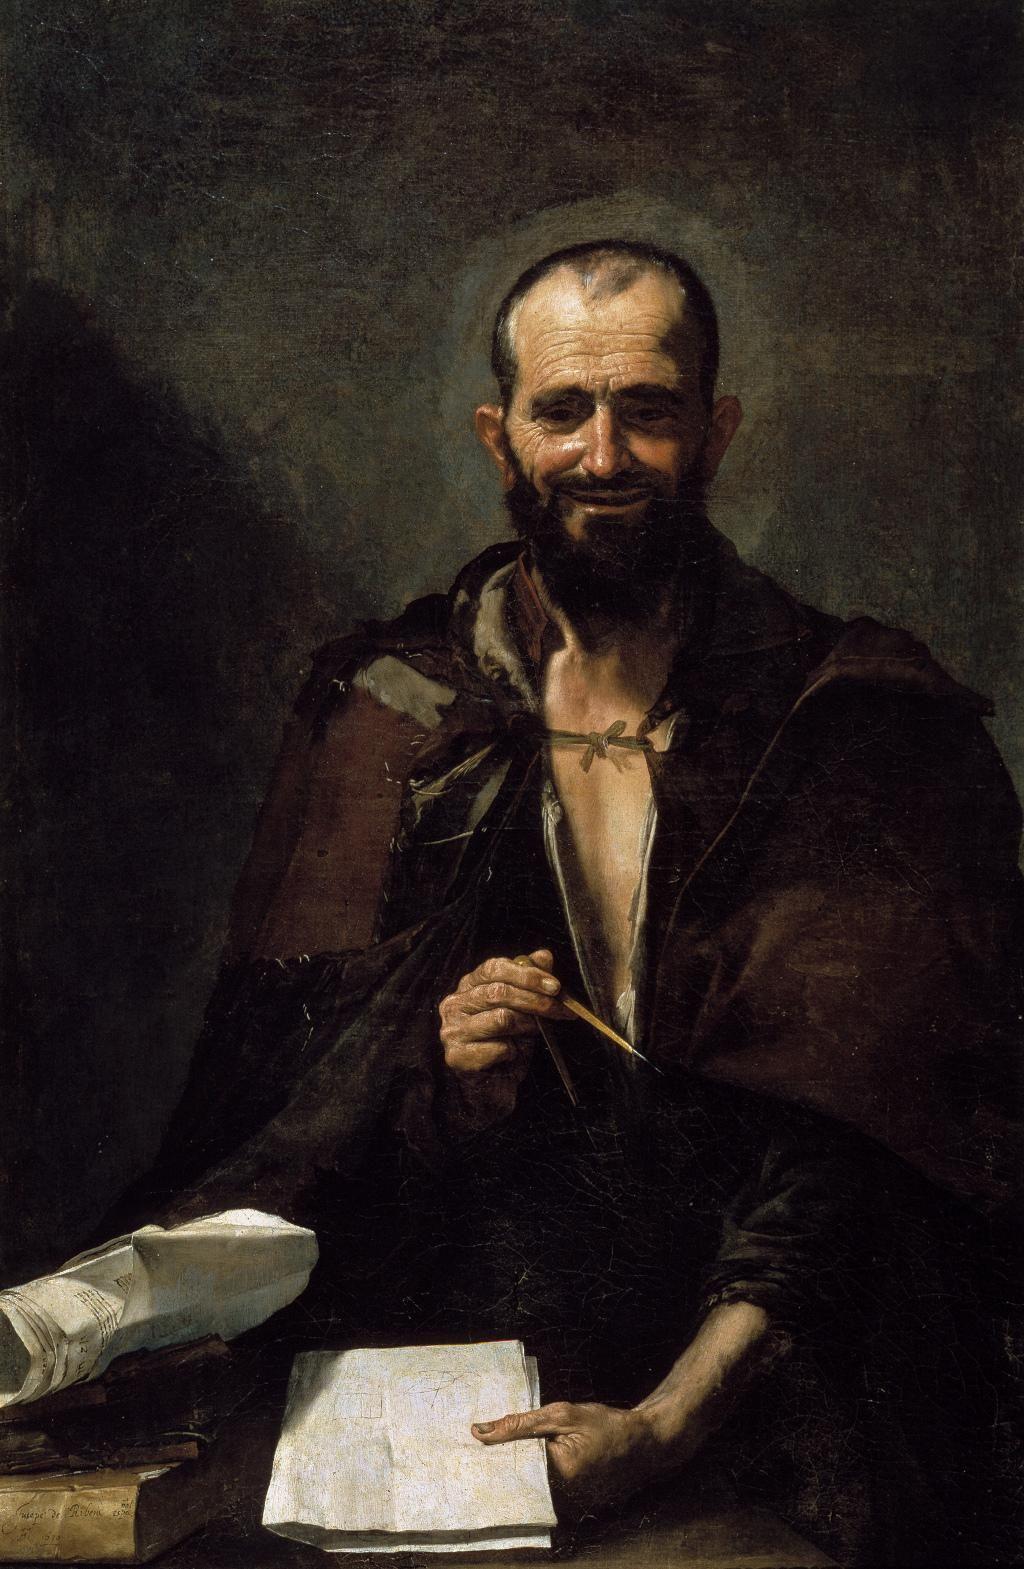 Ribera adquirió gran popularidad con su taller en Nápoles, donde fue visitado por un joven Velázquez hacia 1630-31